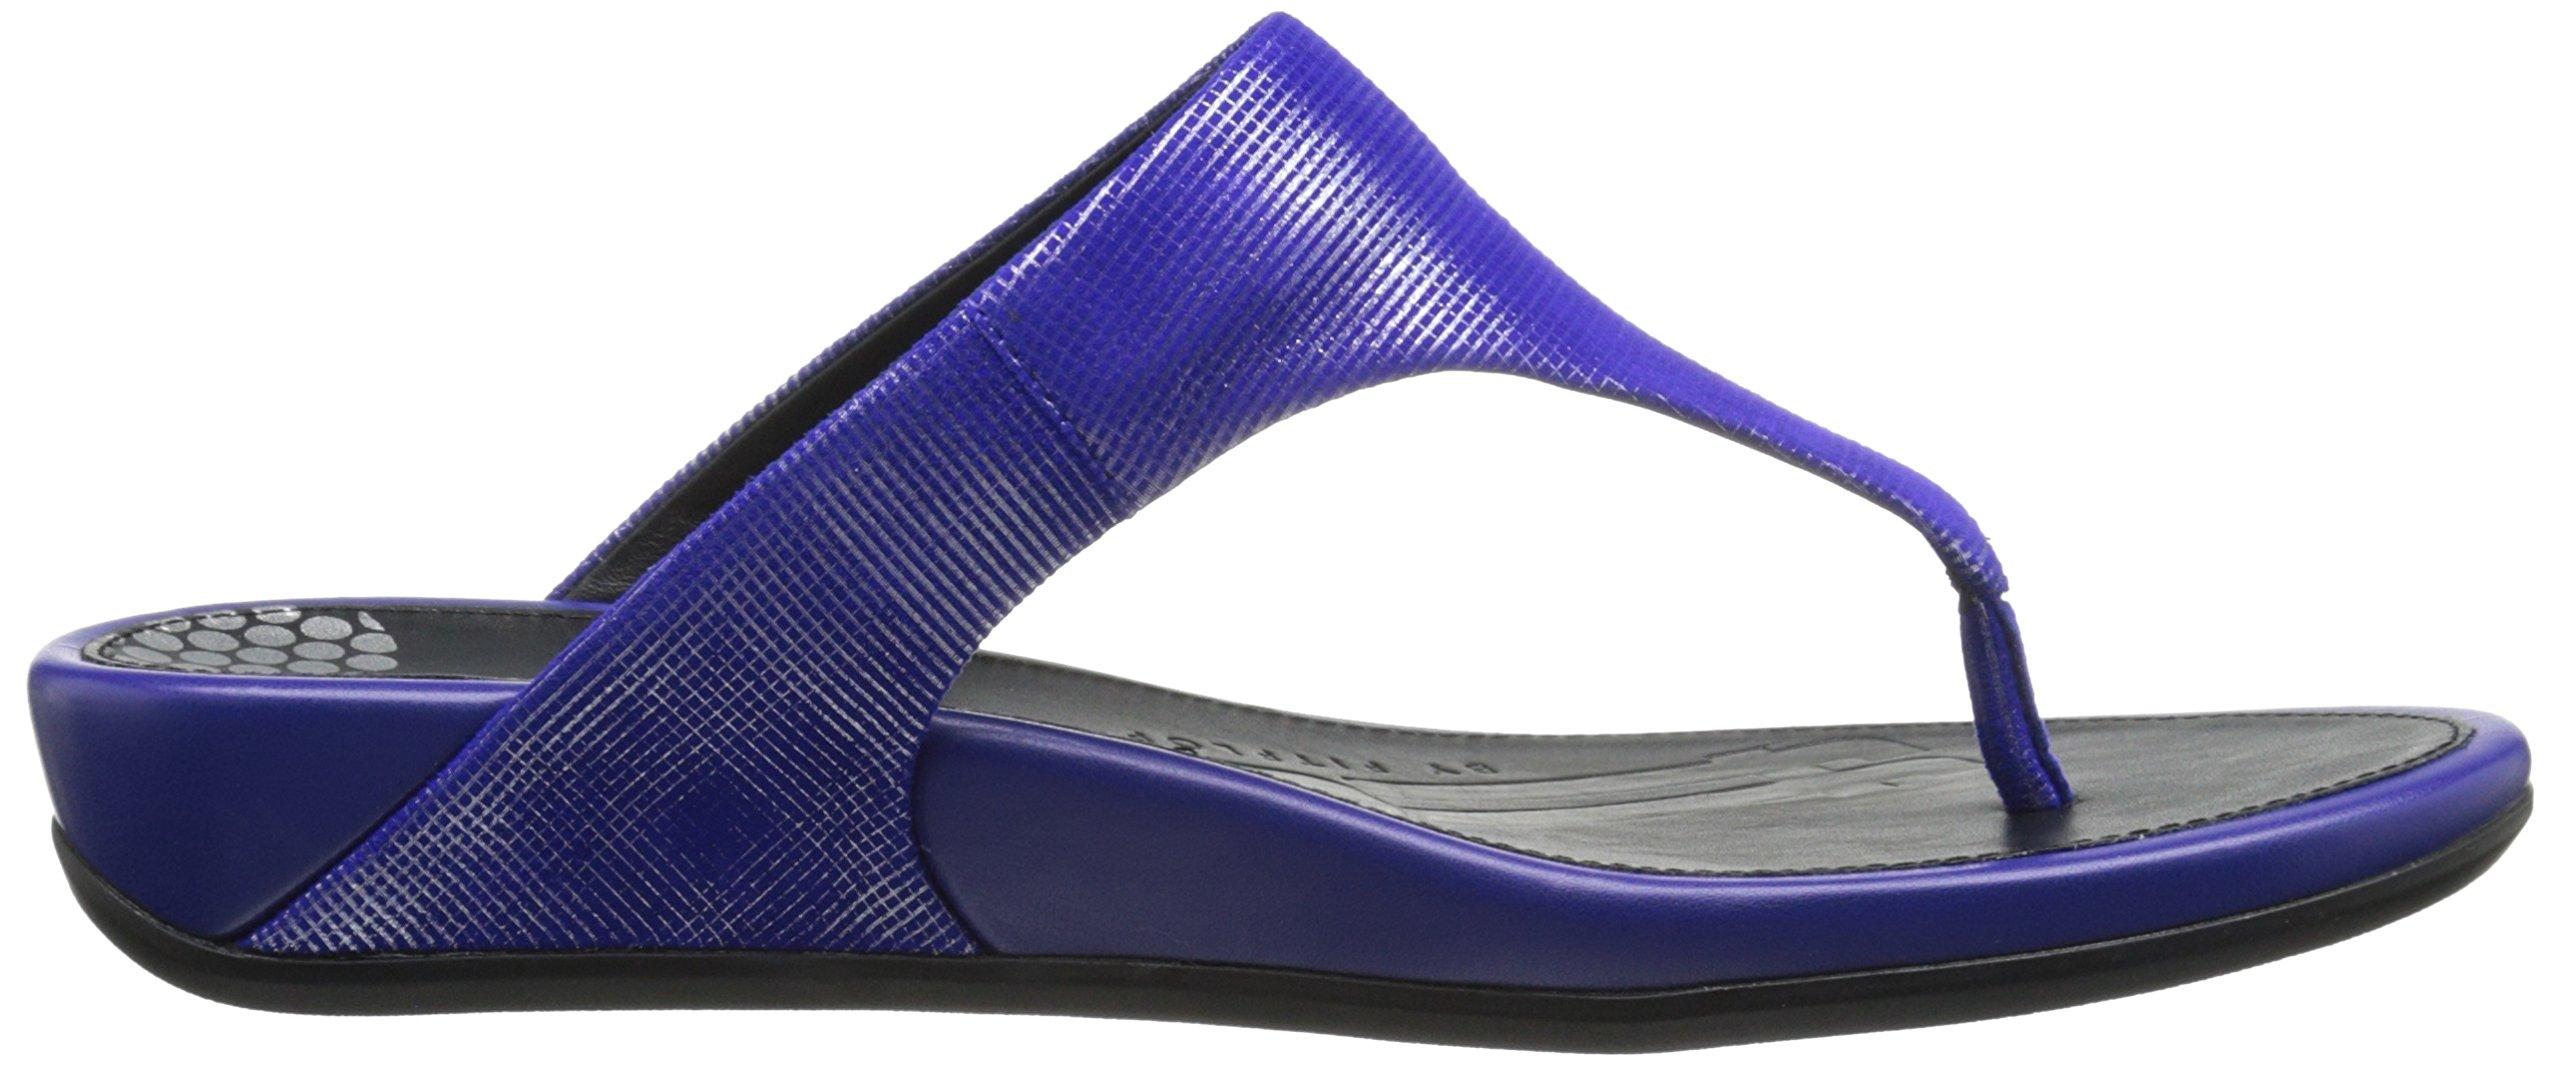 FitFlop Women's Banda Opul Flip Flop, Mazarin Blue, 7 M US by FitFlop (Image #7)